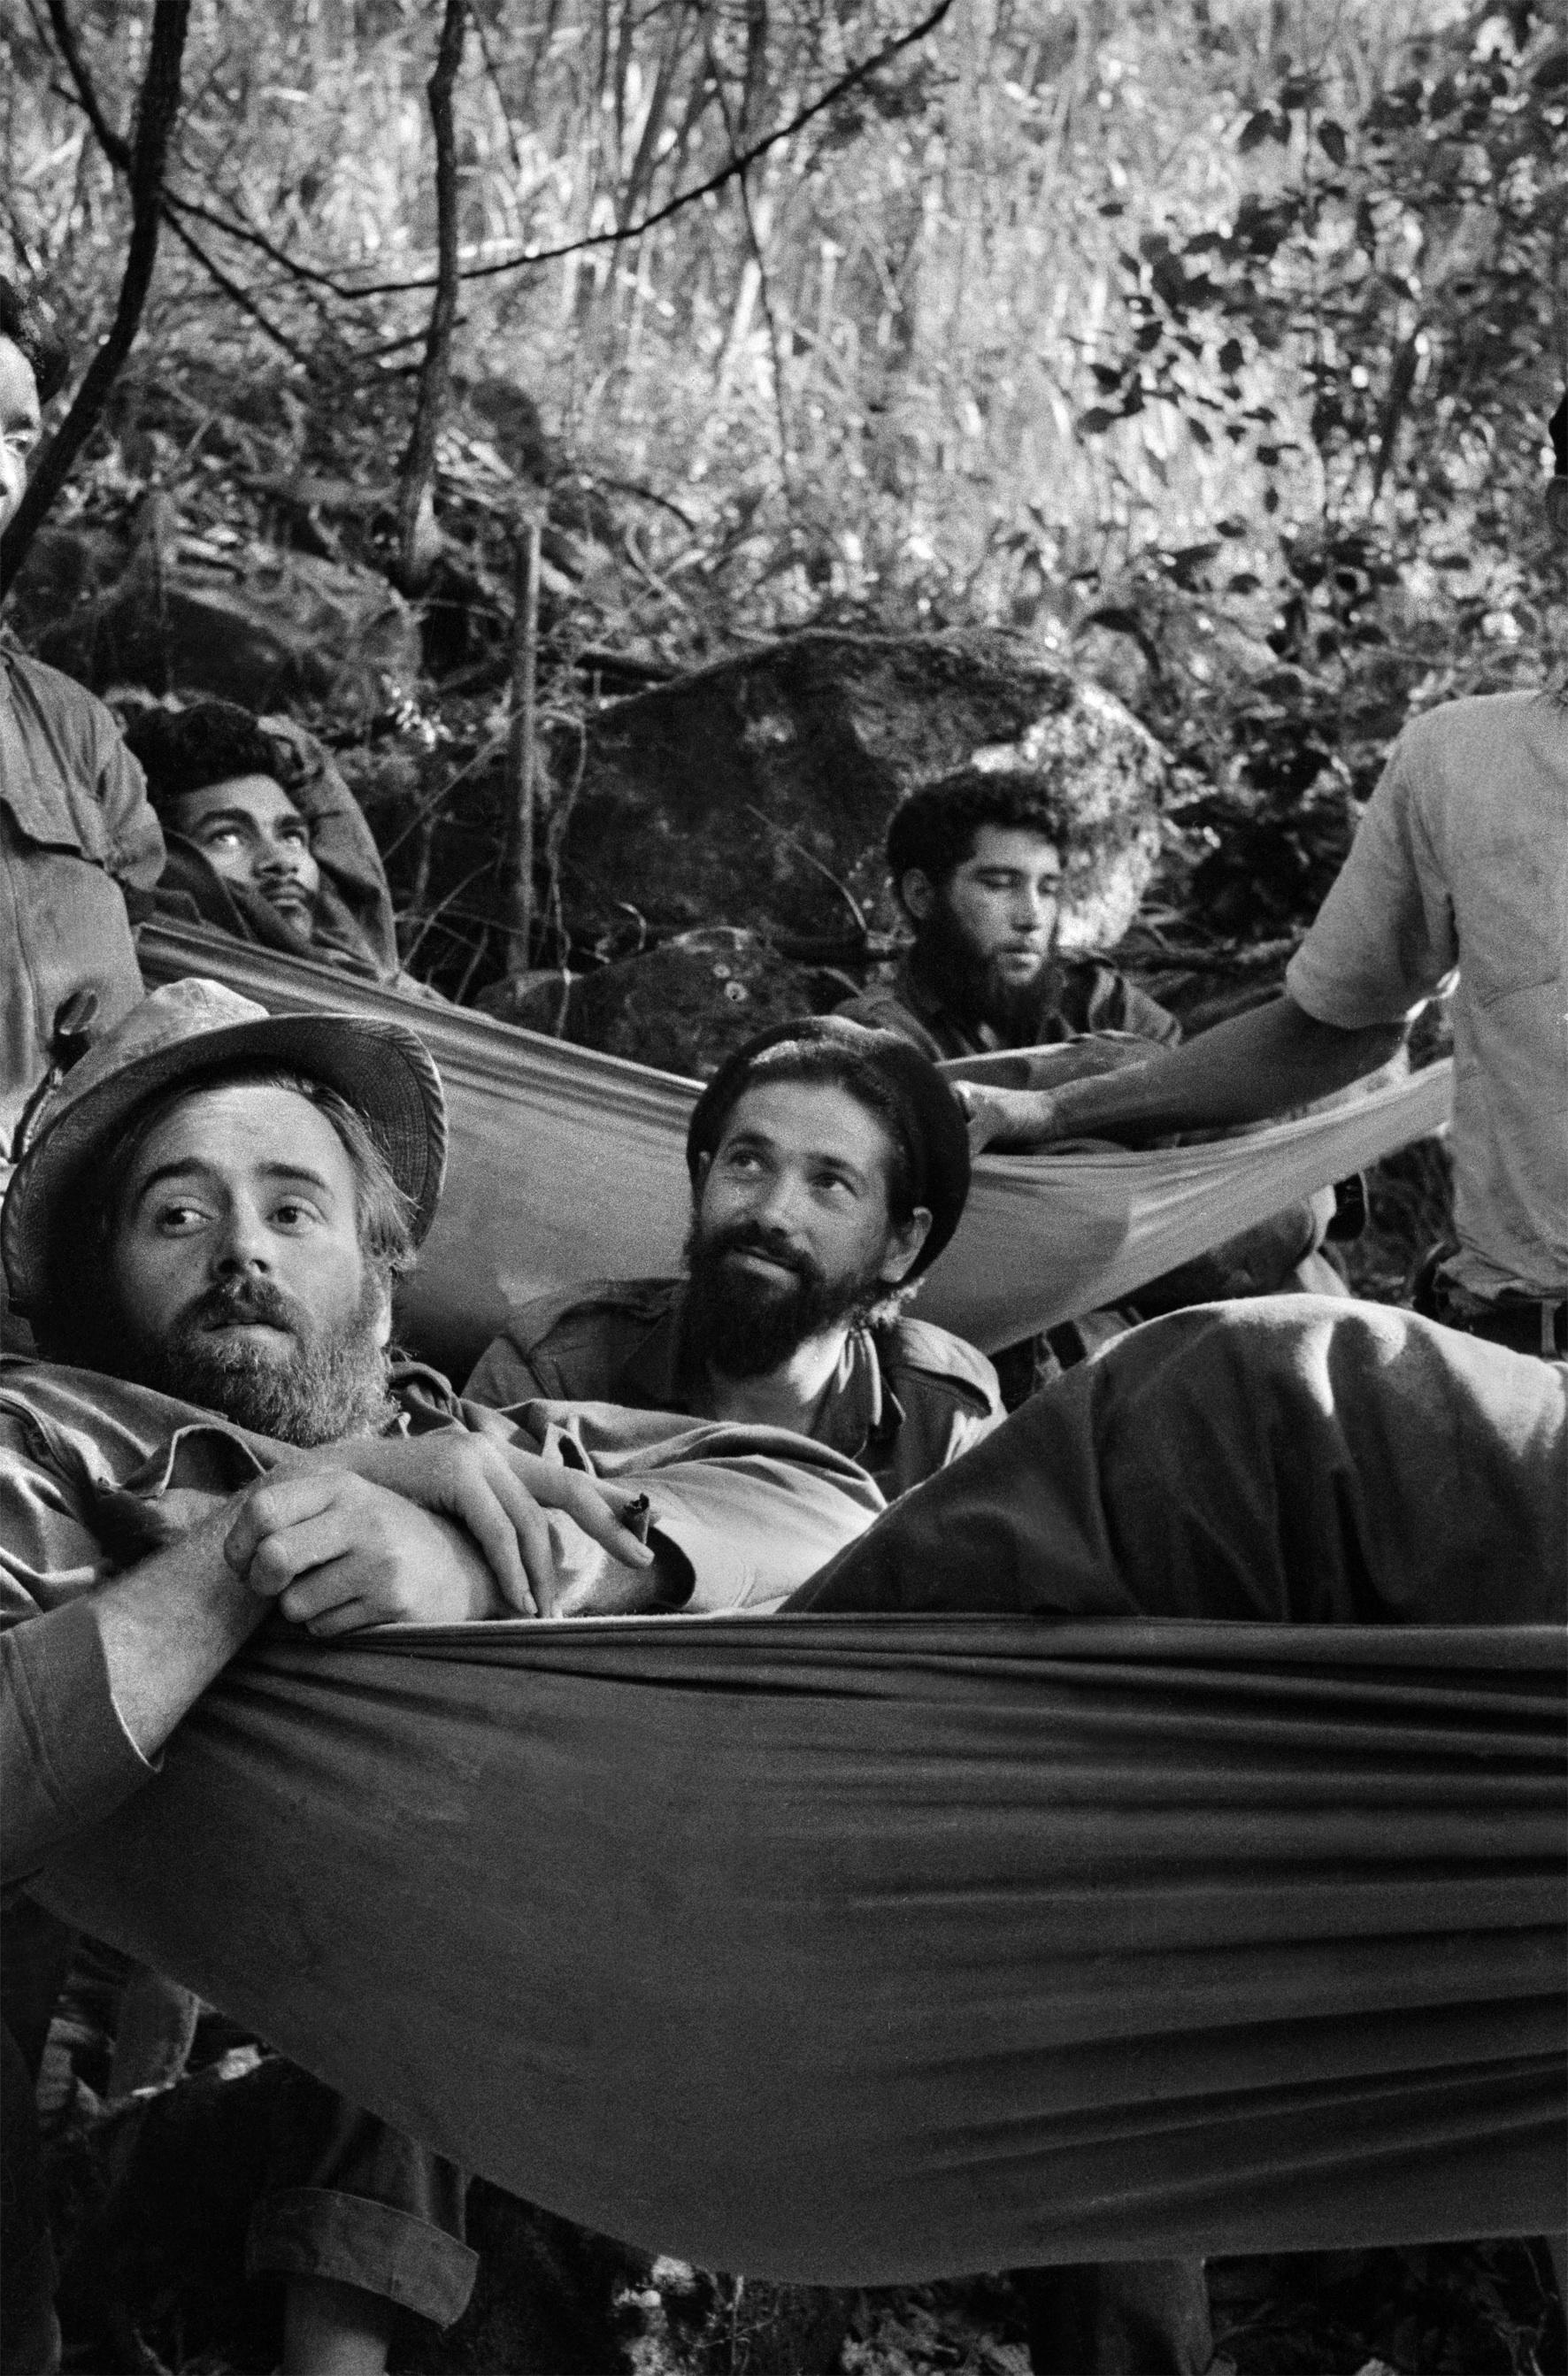 Fidel Castro's fellow rebels in the Sierra Maestra mountains, Cuba, 1958.